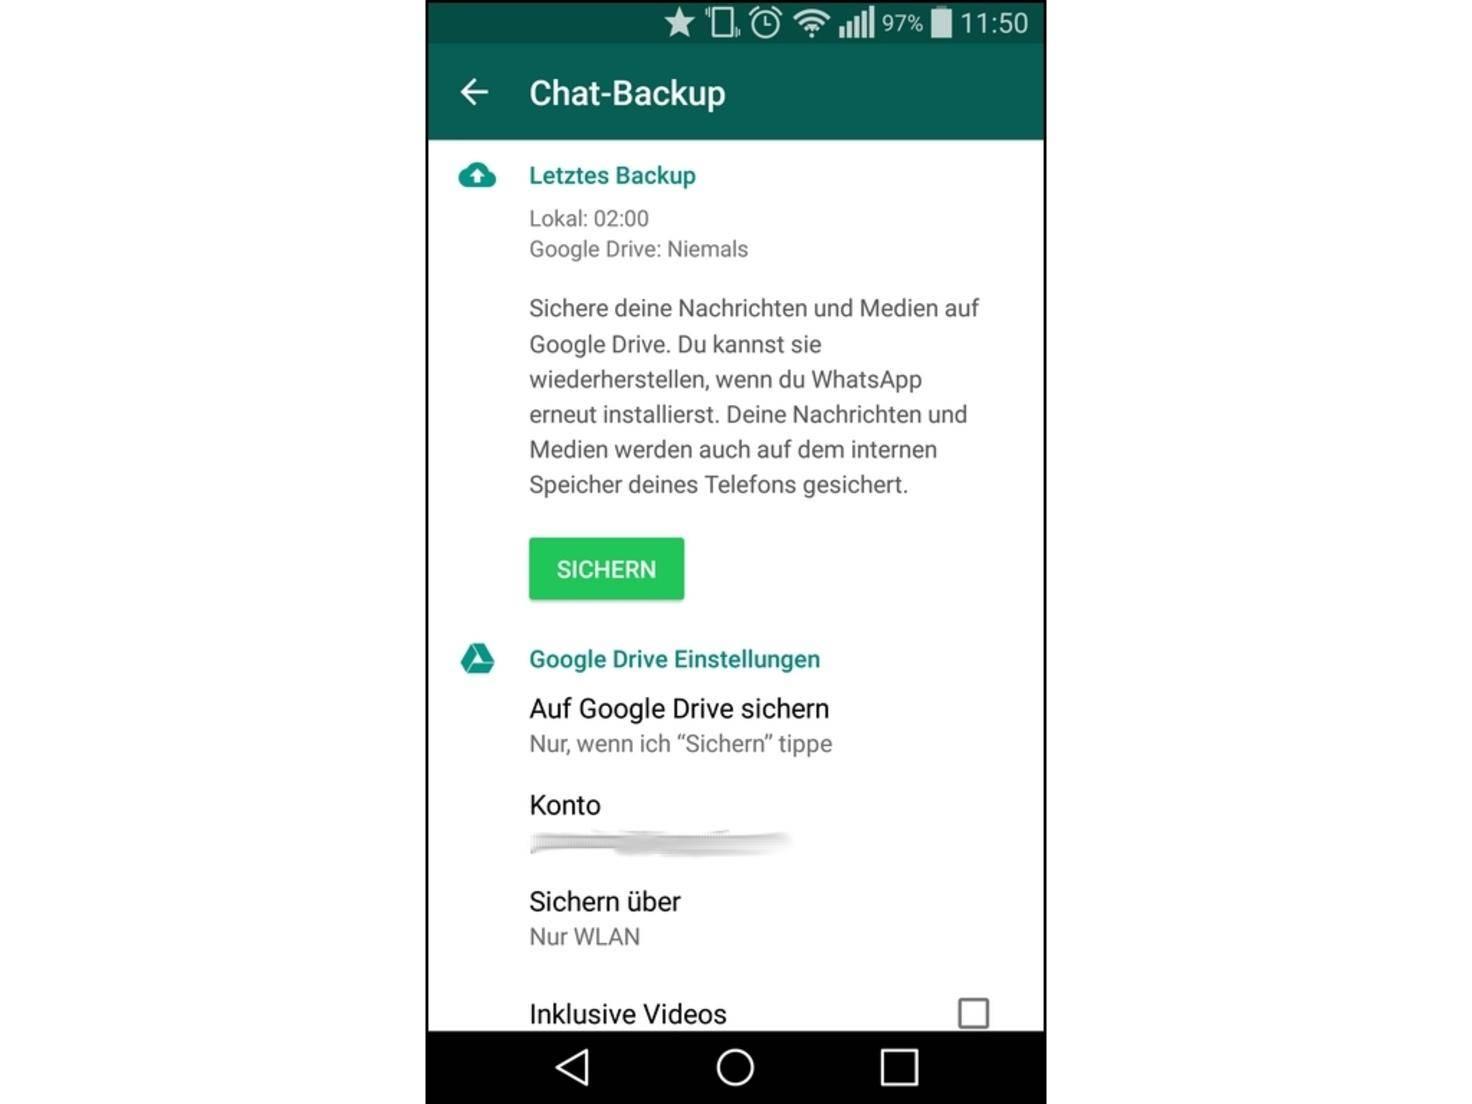 WhatsApp Backup So sicherst Du Deine Daten mit Google Drive